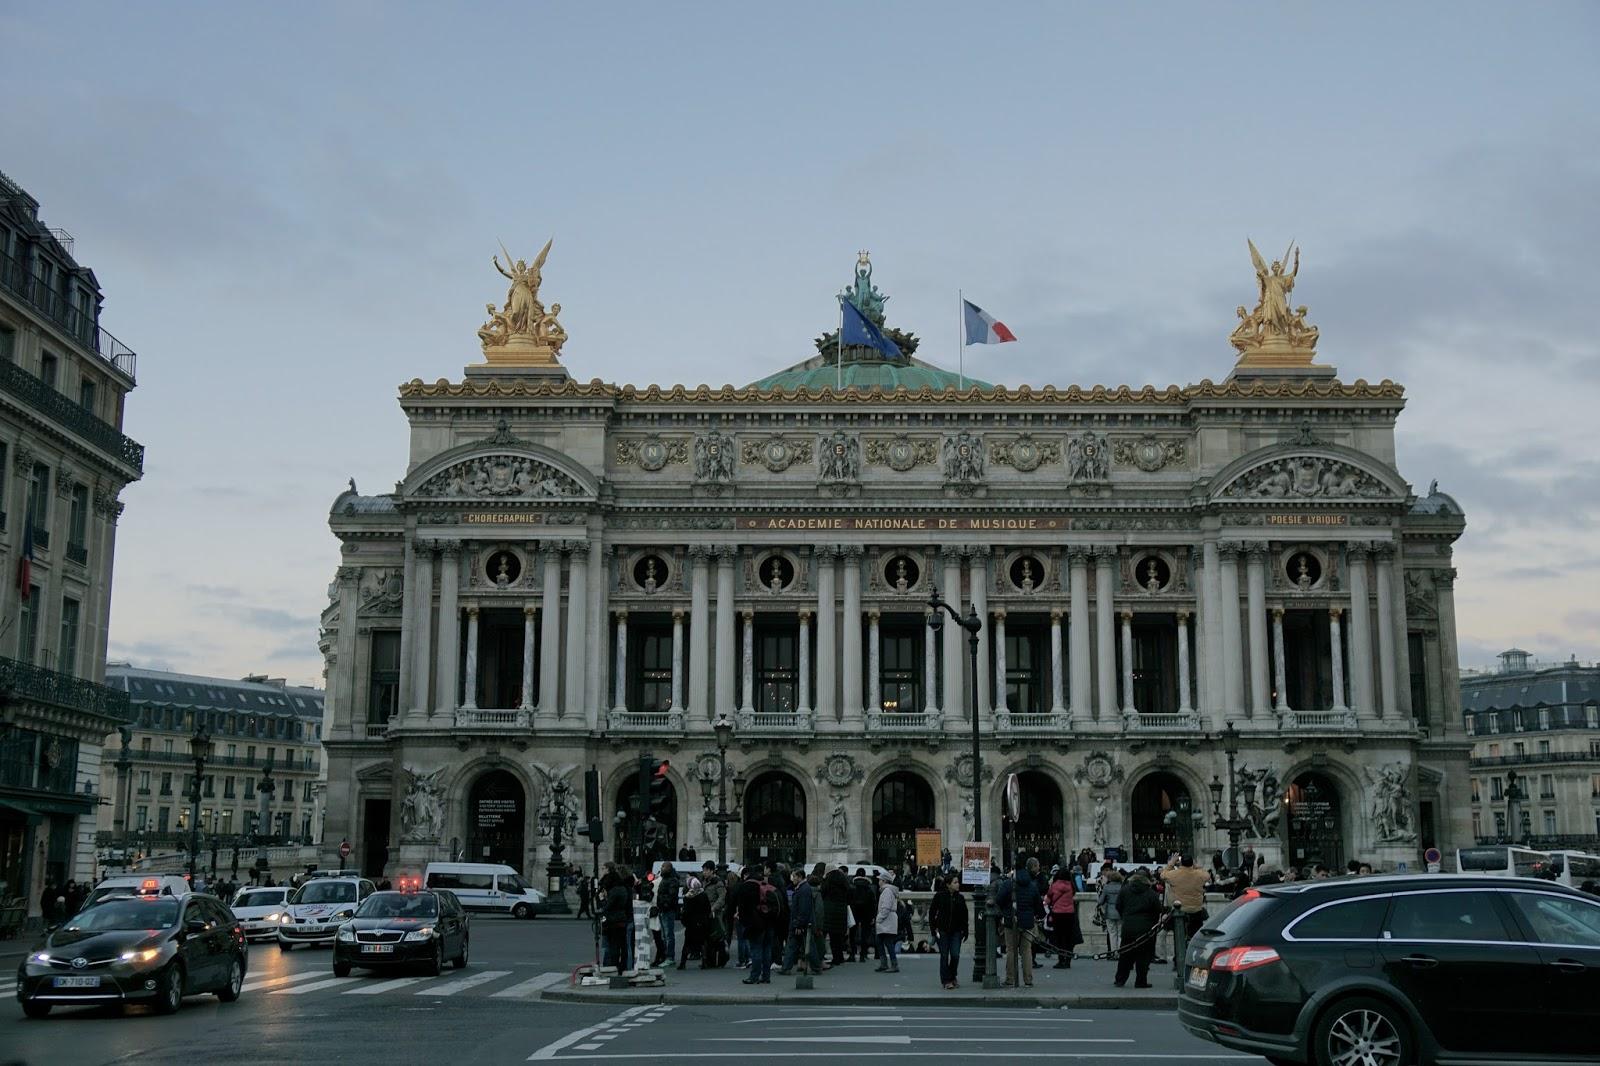 ガルニエ宮(Palais Garnier)の正面